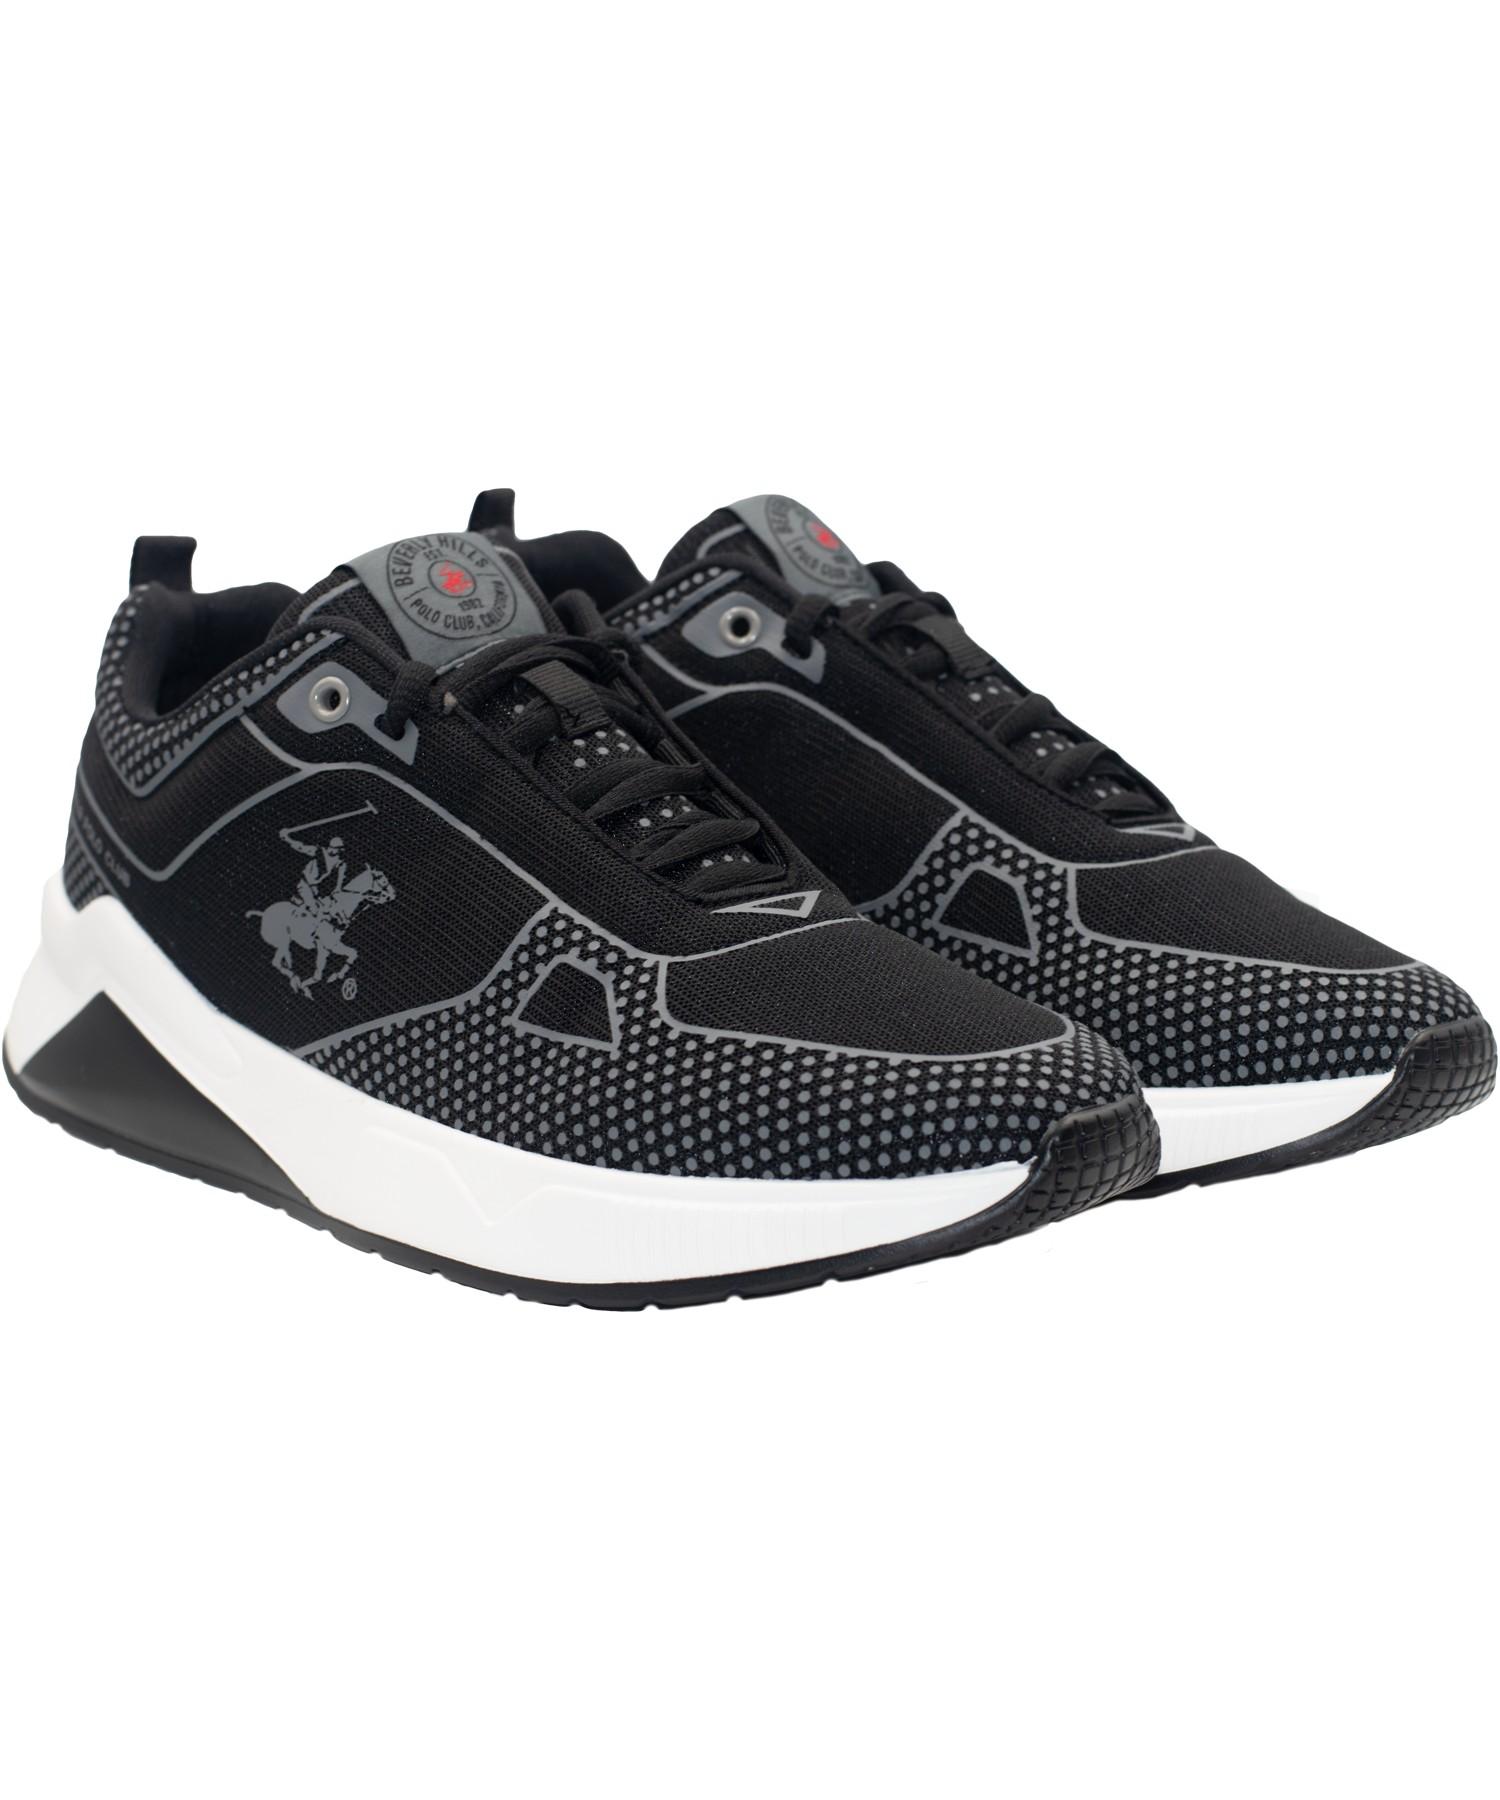 Zapatillas de Hombre Bhpc Sandos Negro-Blanco